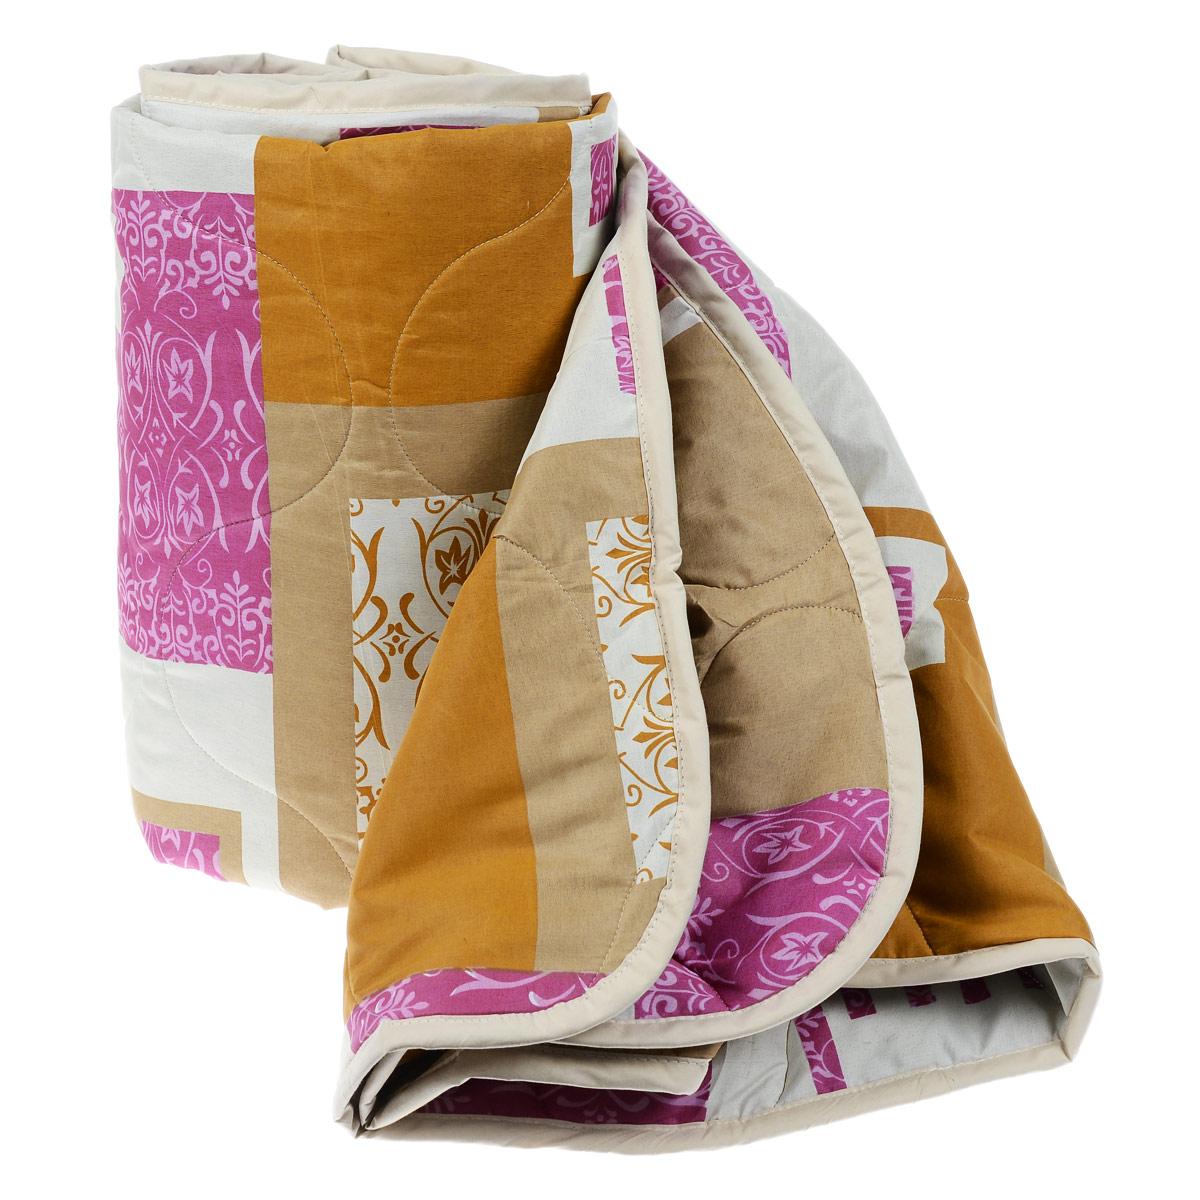 Одеяло всесезонное OL-Tex Miotex, наполнитель: полиэфирное волокно Holfiteks, цвет: коричневый, оранжевый, 172 см х 205 см531-105Всесезонное одеяло OL-Tex Miotex создаст комфорт и уют во время сна. Стеганый чехол выполнен из полиэстера и оформлен красивым рисунком. Внутри - наполнитель из полиэфирного высокосиликонизированного волокна Holfiteks, упругий и качественный. Холфитекс - современный экологически чистый синтетический материал, изготовленный по новейшим технологиям. Его уникальность заключается в расположении волокон, которые позволяют моментально восстанавливать форму и сохранять ее долгое время. Изделия с использованием Холфитекса очень удобны в эксплуатации - их можно часто стирать без потери потребительских свойств, они быстро высыхают, не впитывают запахов и совершенно гиппоаллергенны. Холфитекс также обеспечивает хорошую терморегуляцию, поэтому изделия с наполнителем из холфитекса очень комфортны в использовании. Одеяло с наполнителем Холфитекс порадует вас в любое время года. Оно комфортно согревает и создает отличный микроклимат. За одеялом легко ухаживать, можно стирать в стиральной машинке.Рекомендации по уходу:- Ручная и машинная стирка при температуре 30°С.- Не гладить.- Не отбеливать. - Нельзя отжимать и сушить в стиральной машине.- Сушить вертикально. Размер одеяла: 172 см х 205 см. Материал чехла: 100% полиэстер. Материал наполнителя: полиэфирное высокосиликонизированное волокно Holfiteks. Плотность: 300 г/м2.